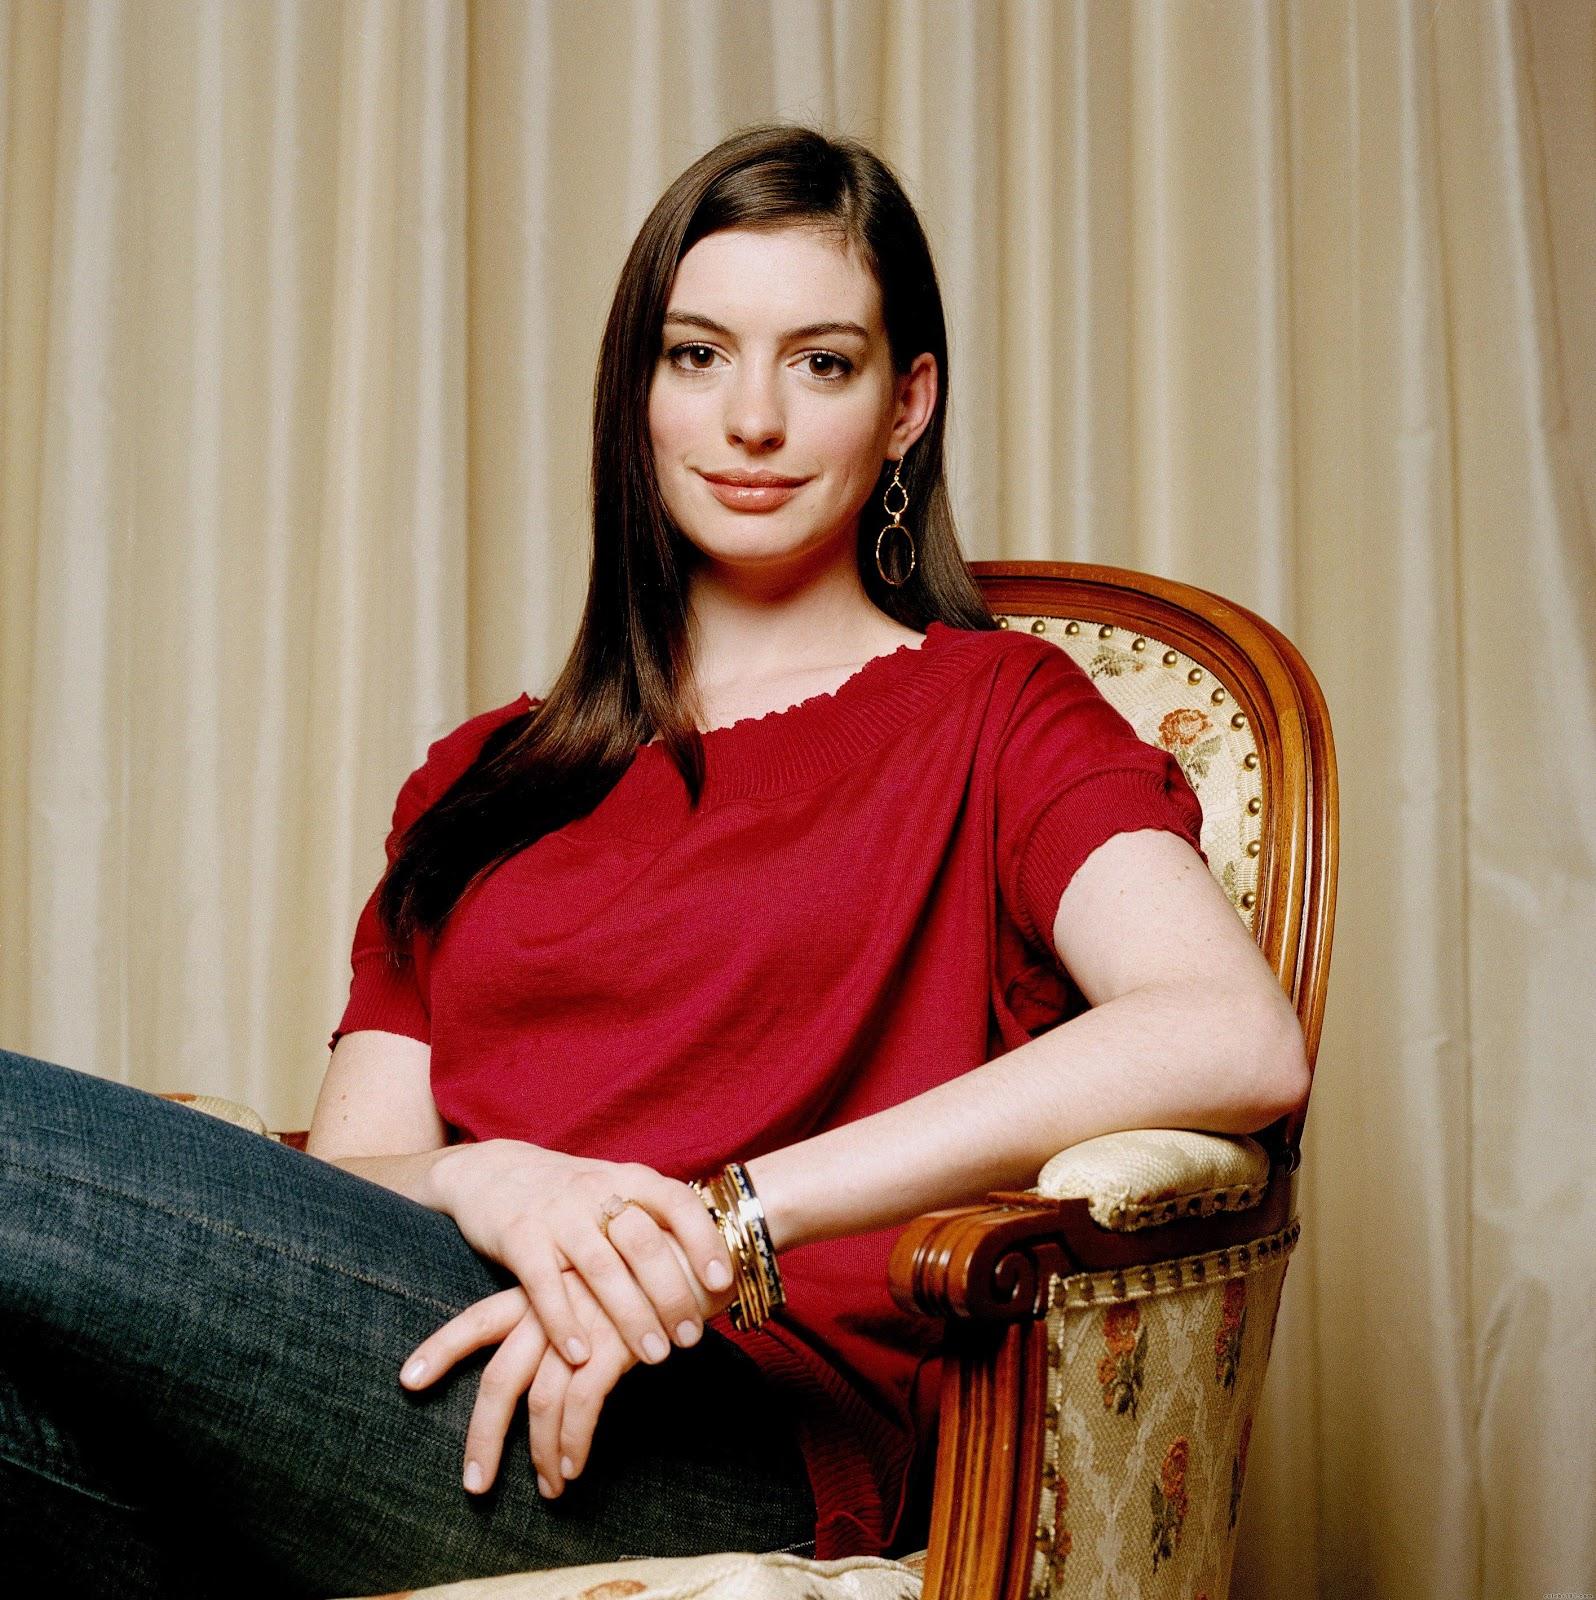 Anne Hathaway Movies: Anne Hathaway